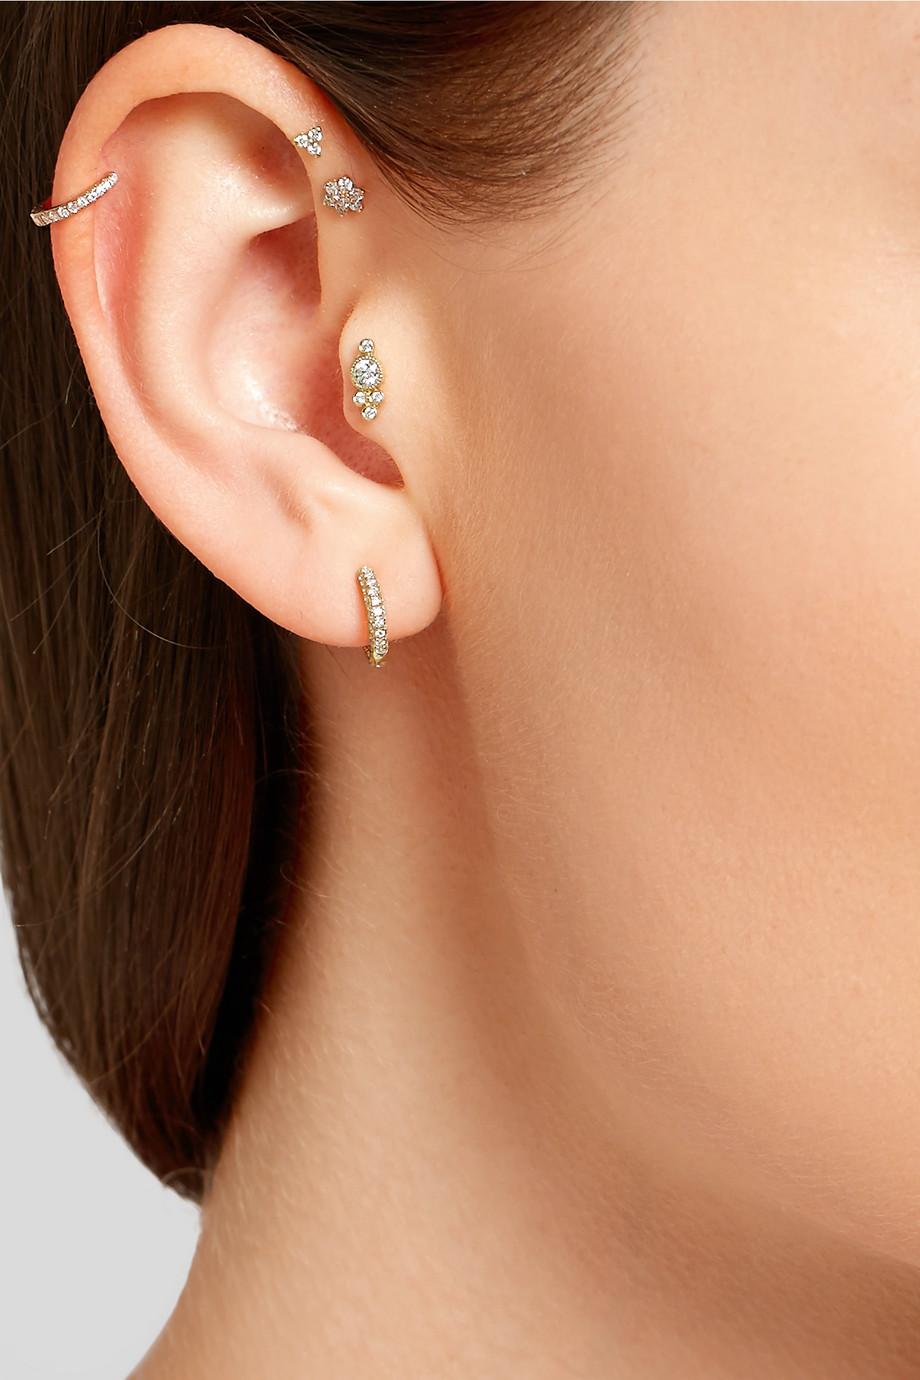 Maria Tash Boucle d'oreille en or rose 18 carats et diamants 6,5 mm